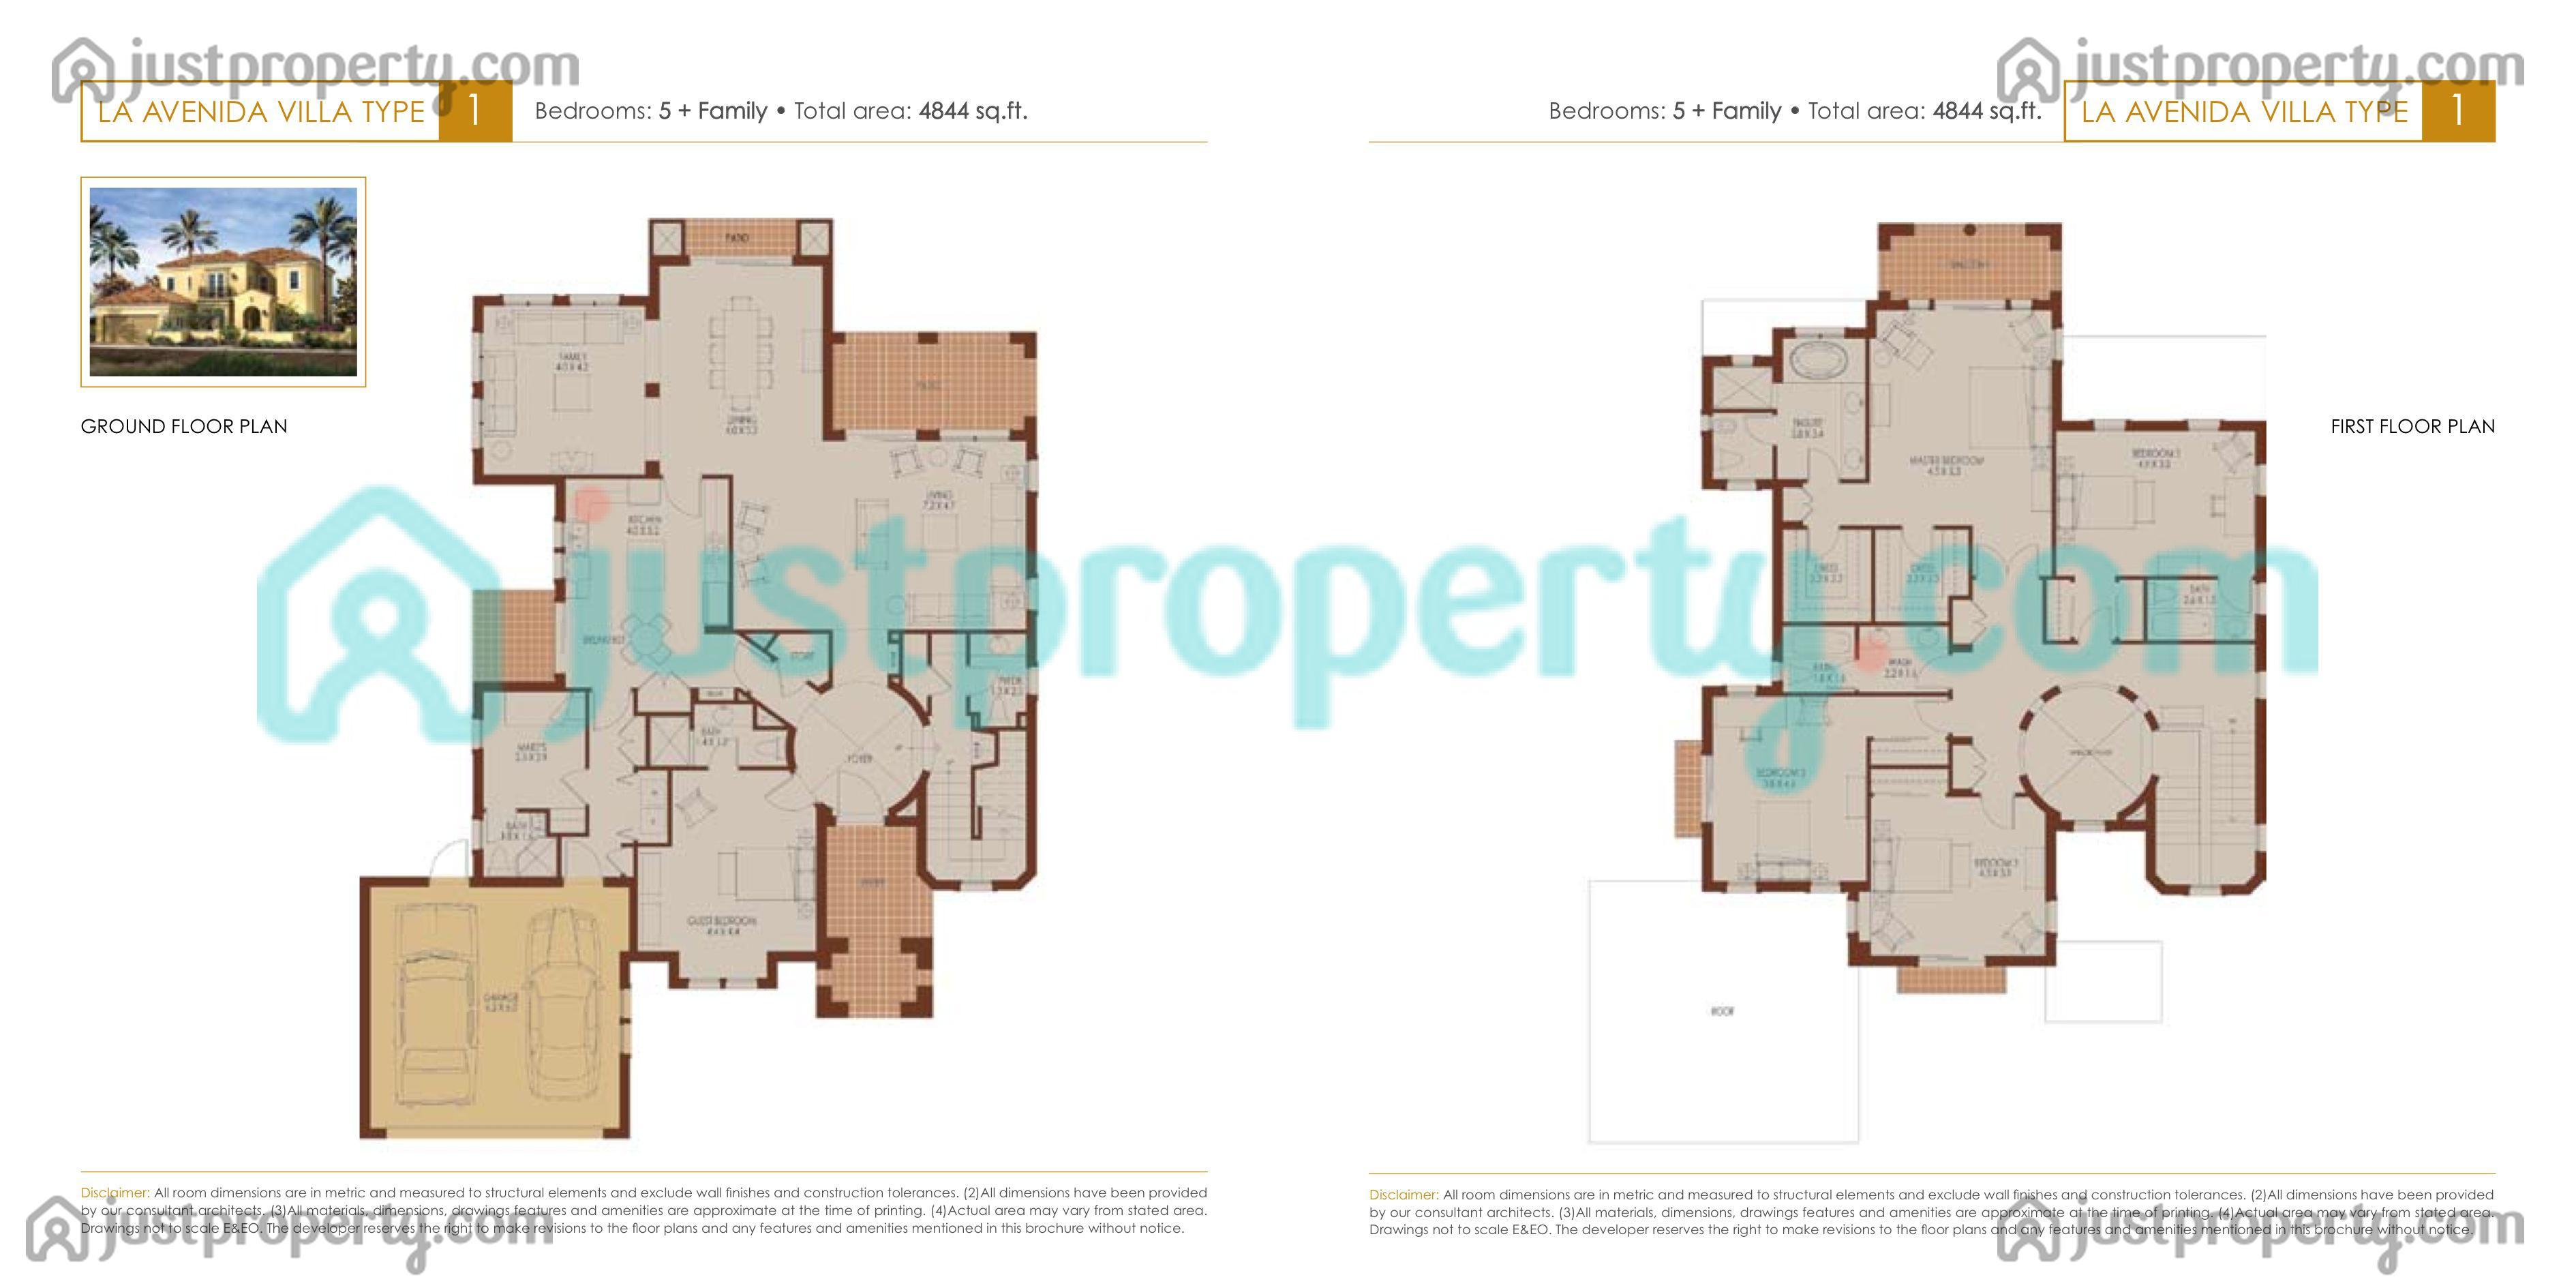 la avenida 1 floor plans justproperty com